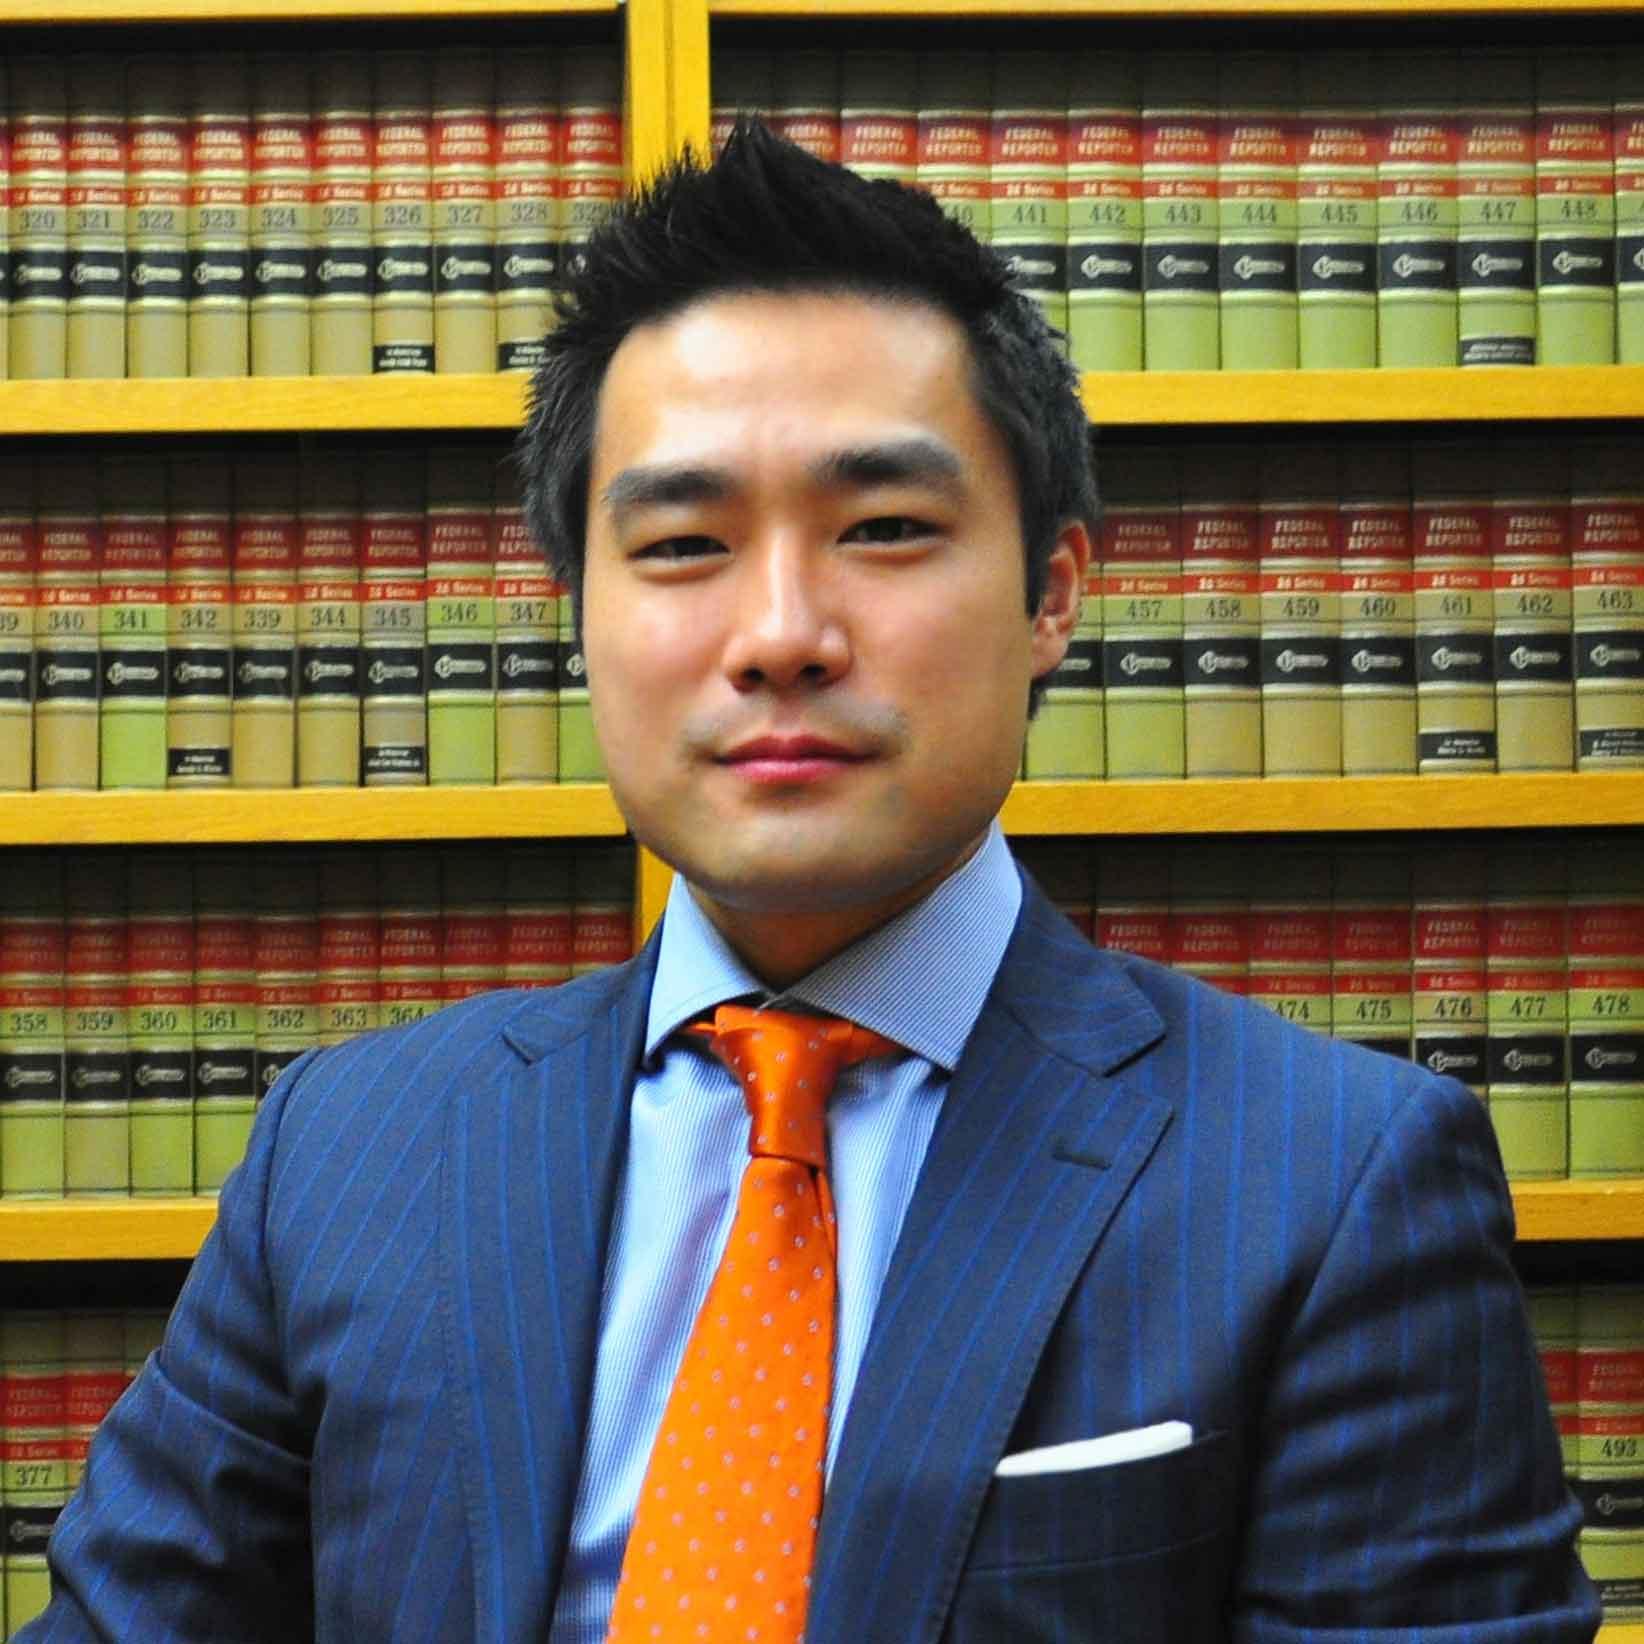 재이 리 변호사